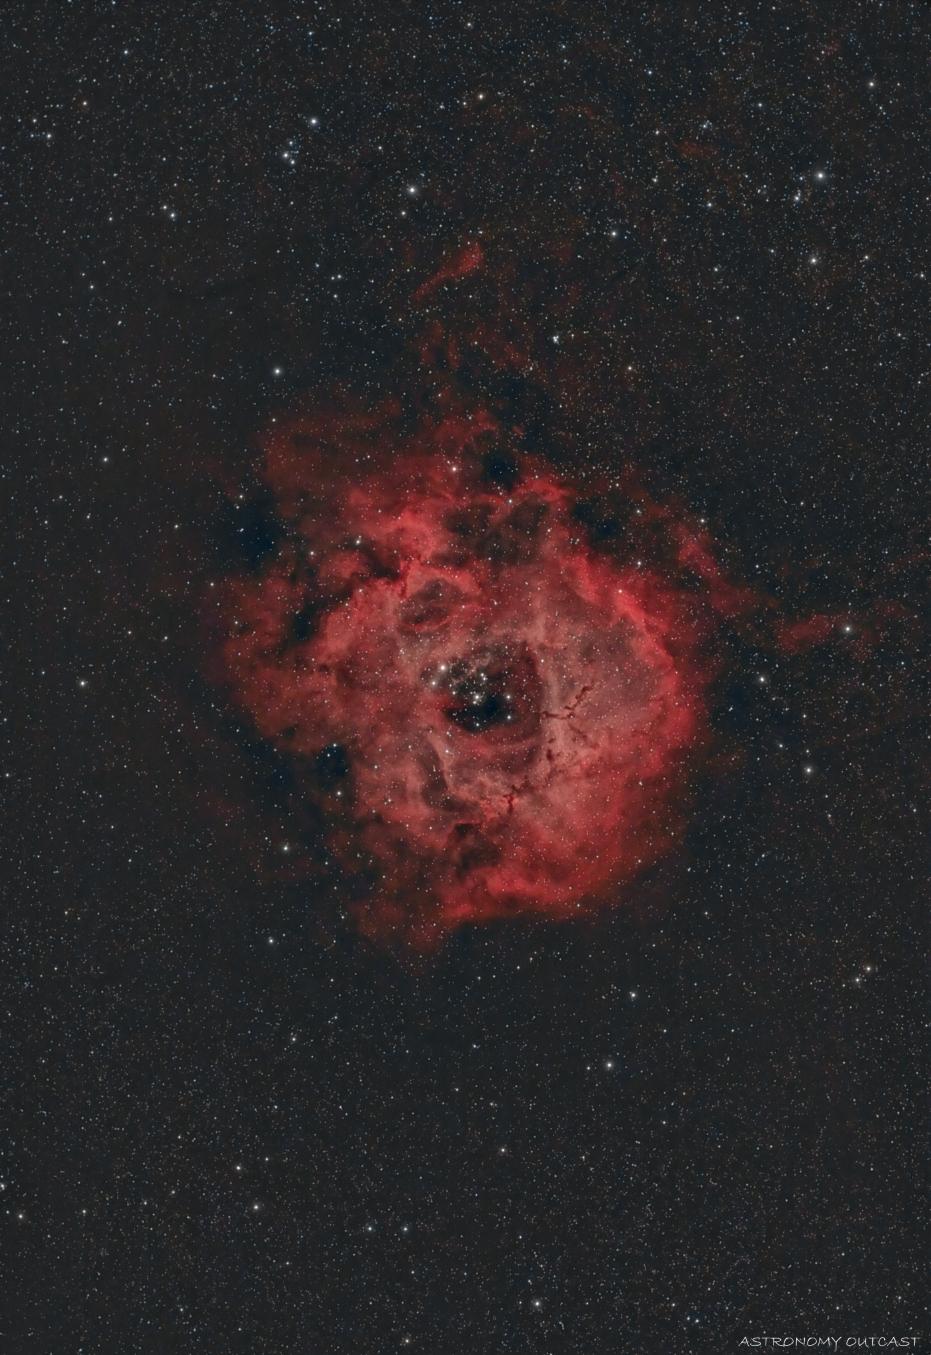 NGC2244 - 61/274 EDPH - Hypercam 294C (Ha)